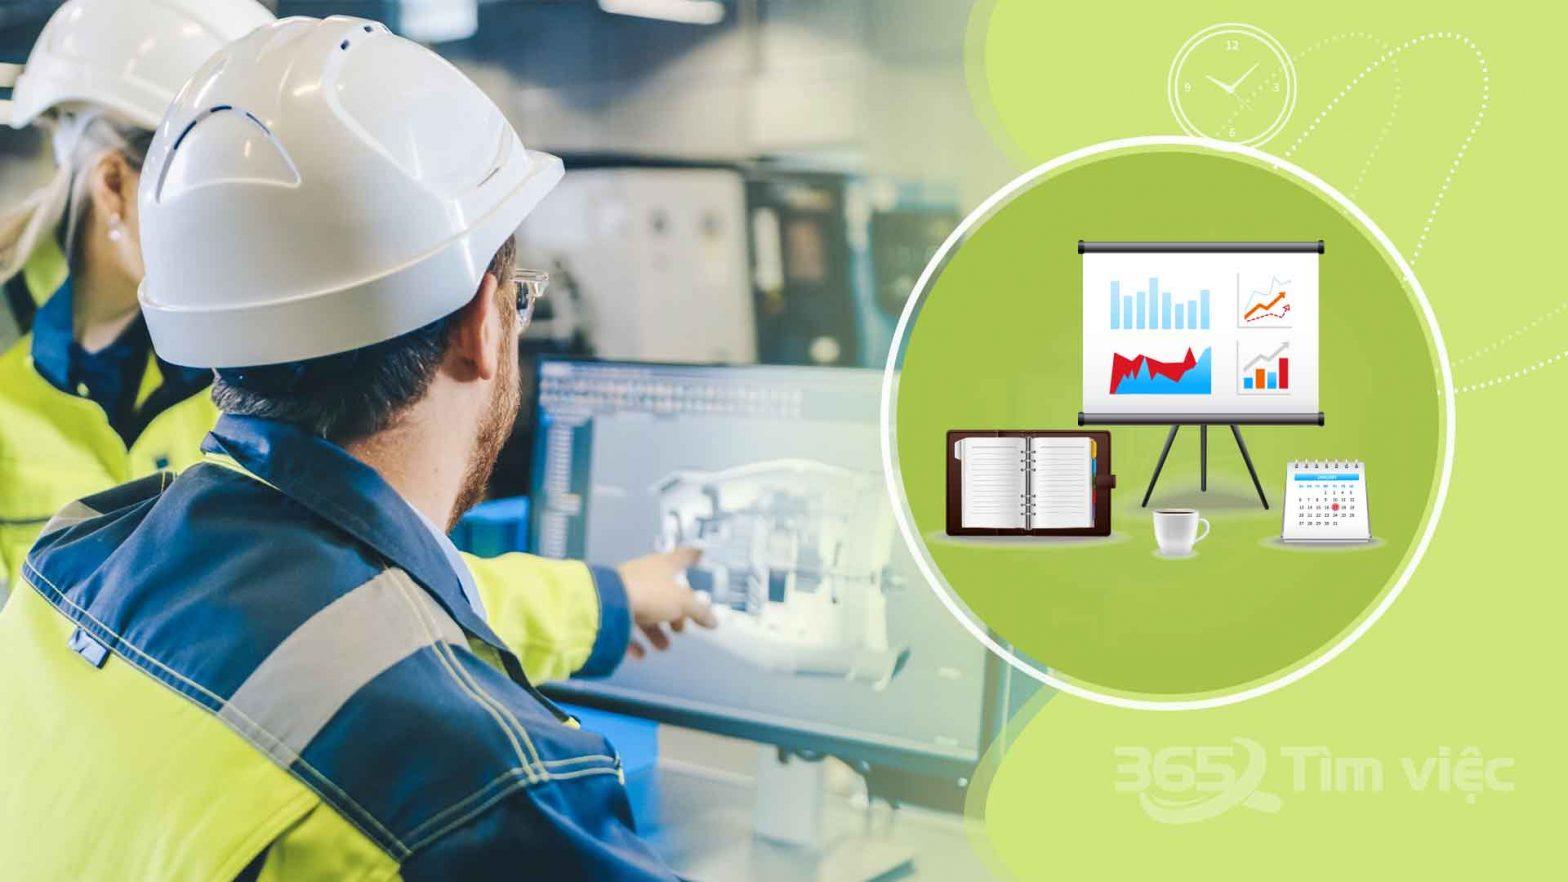 Tốt nghiệp ngành điện công nghiệp và dân dụng làm công việc gì?